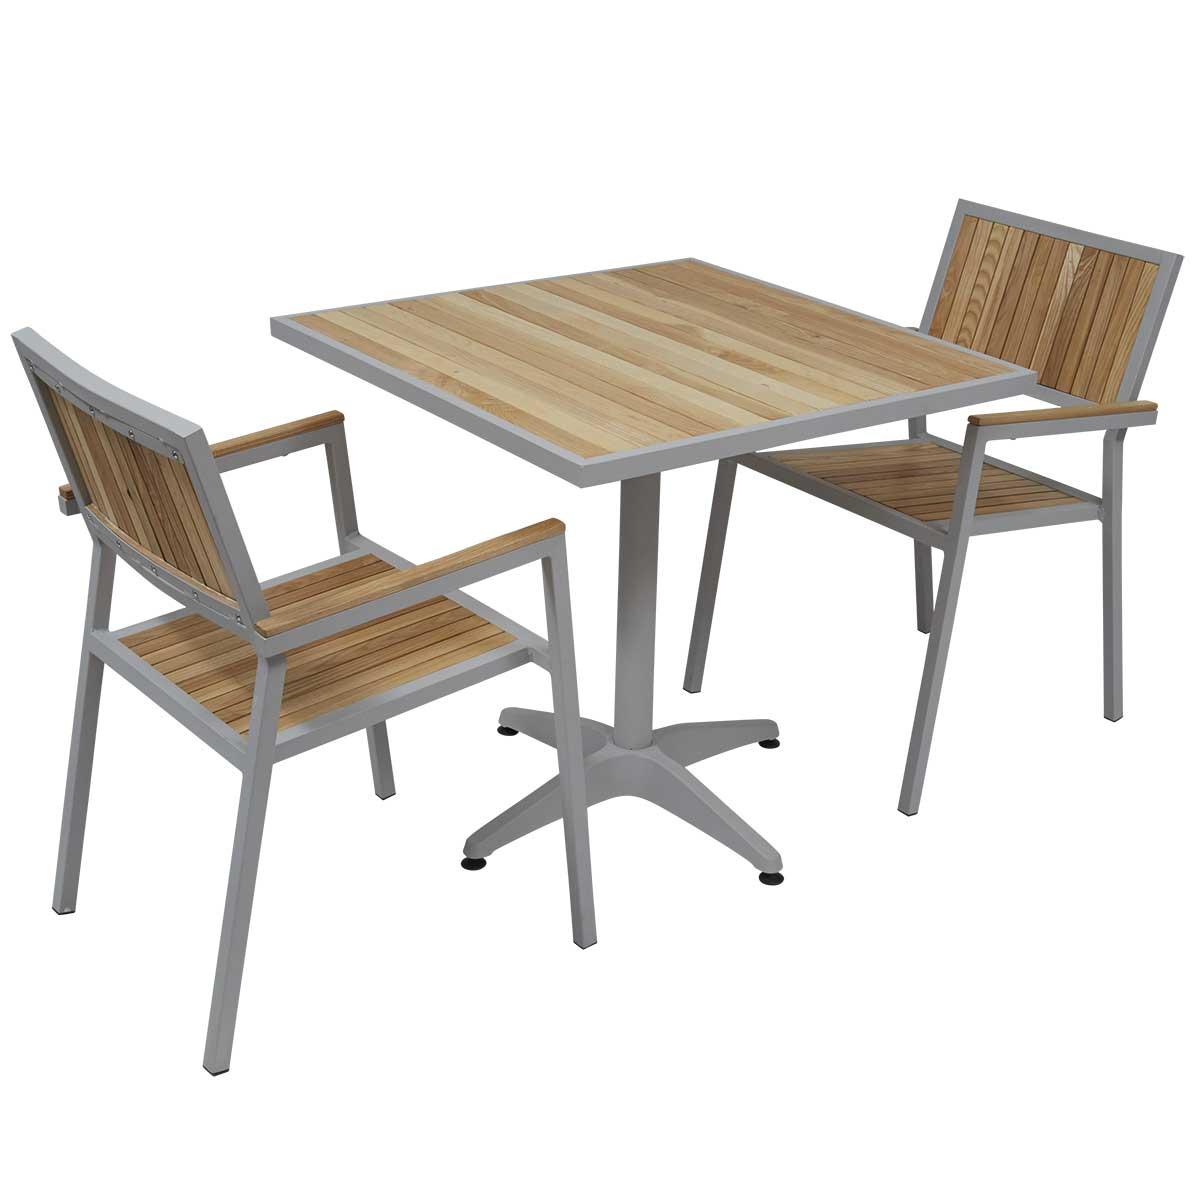 Table De Jardin Gris Anthracite Génial Table Terrasse Pas Cher Of 27 Beau Table De Jardin Gris Anthracite